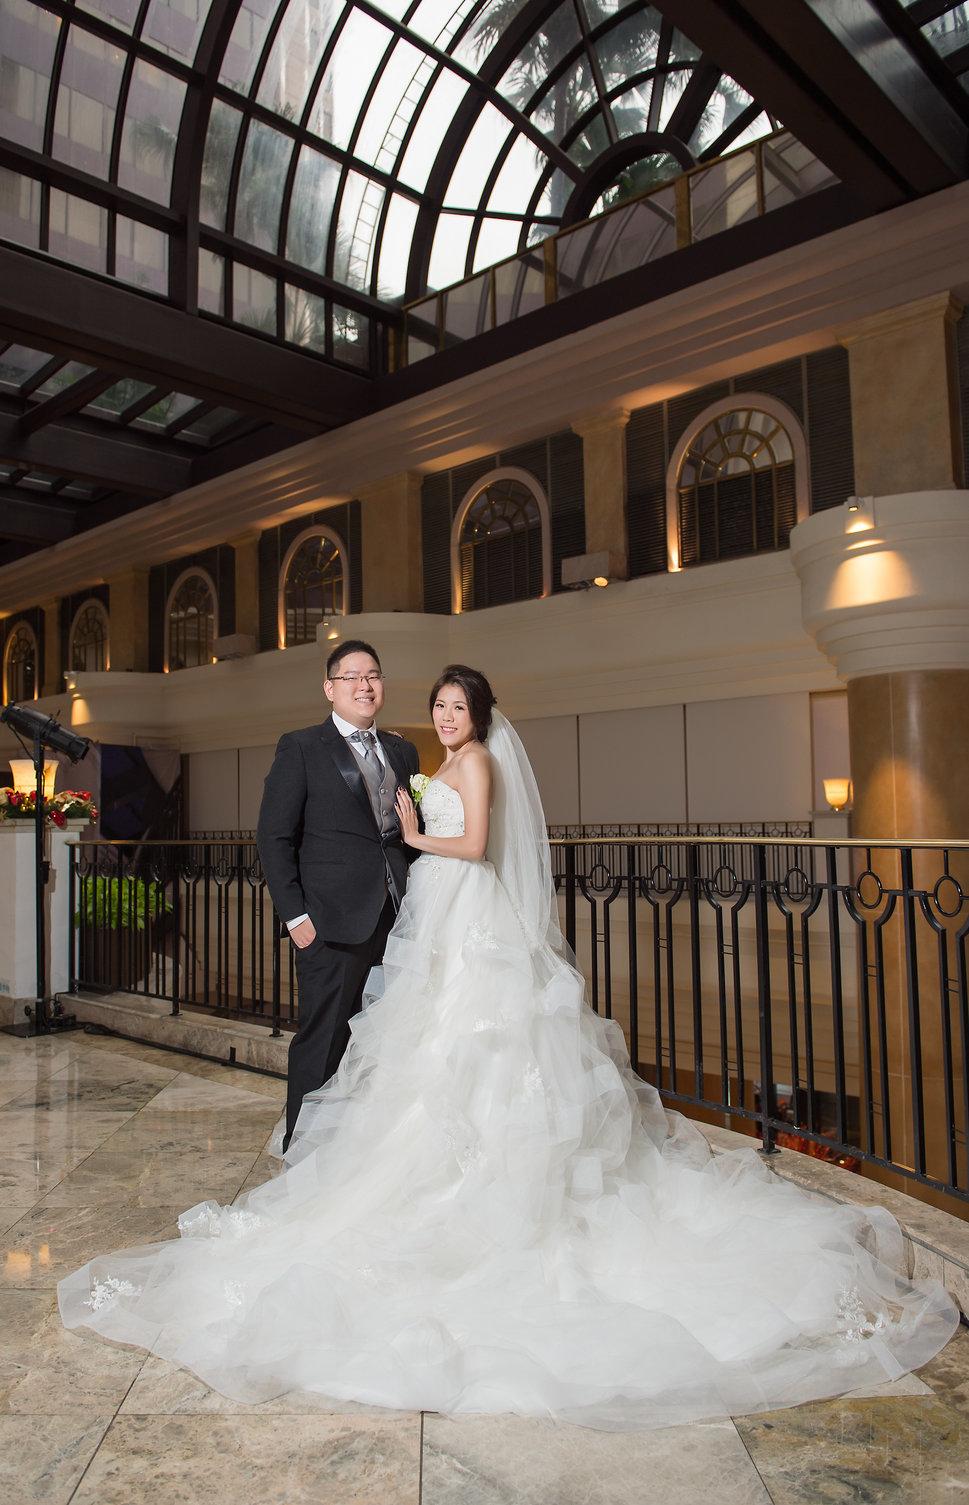 [台北婚攝] 文定婚禮紀錄@台北君悅酒店(編號:431981) - LoveStoryAllen IMAGE - 結婚吧一站式婚禮服務平台